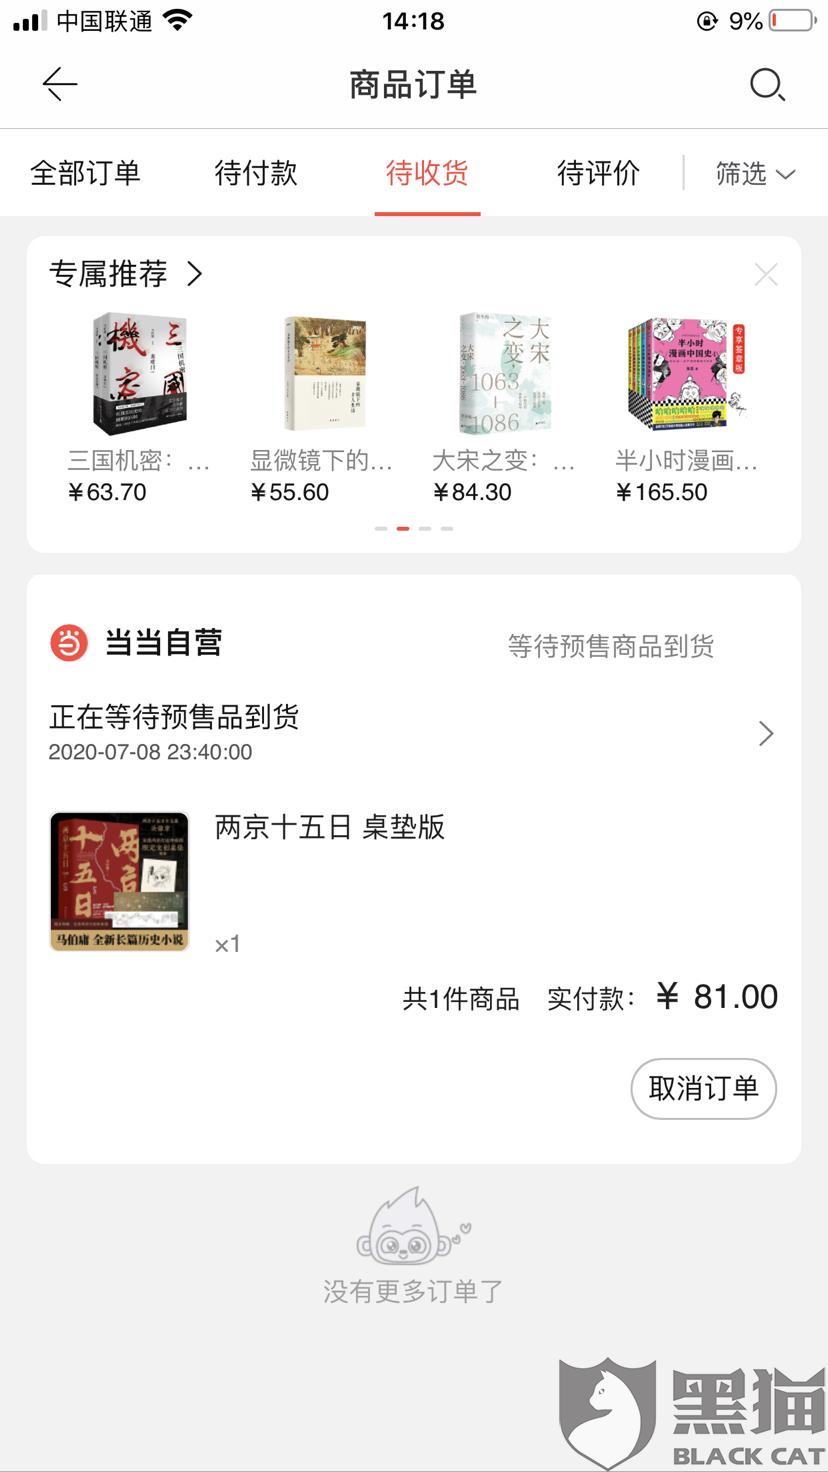 黑猫投诉:在当当网上买的《两京十五日》,拒不发货无许诺赠品